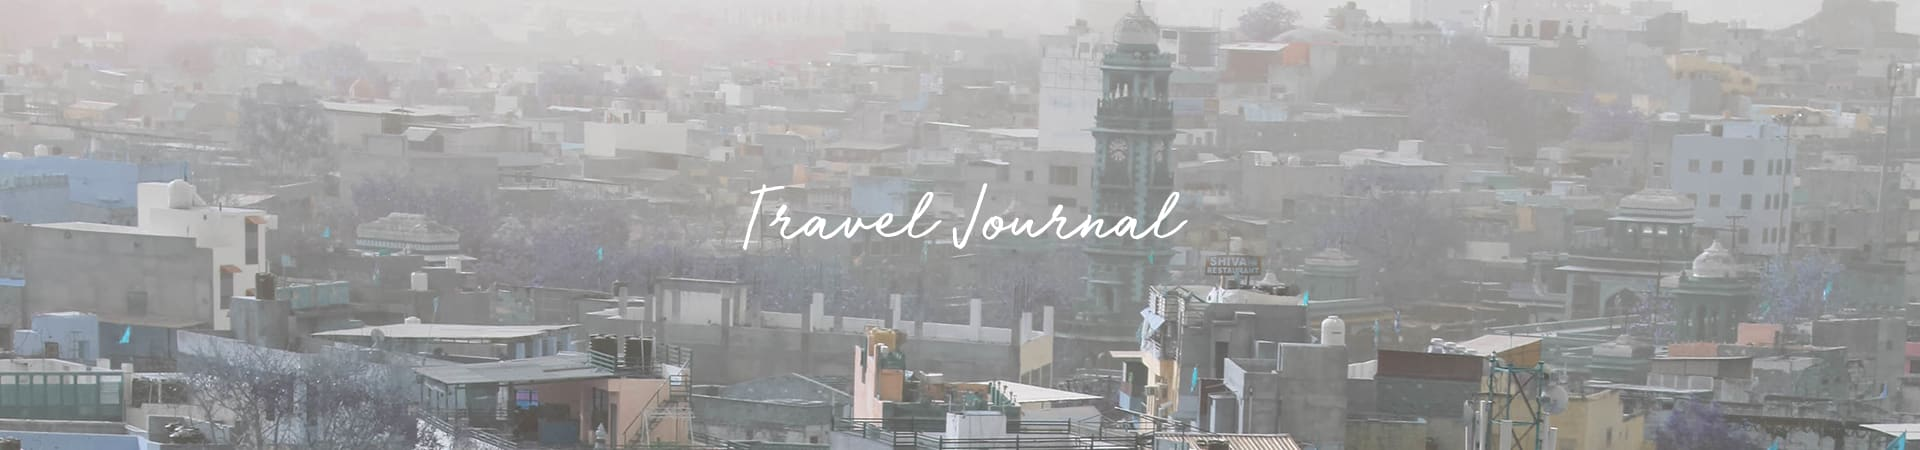 Travel Journal_desktop.jpg